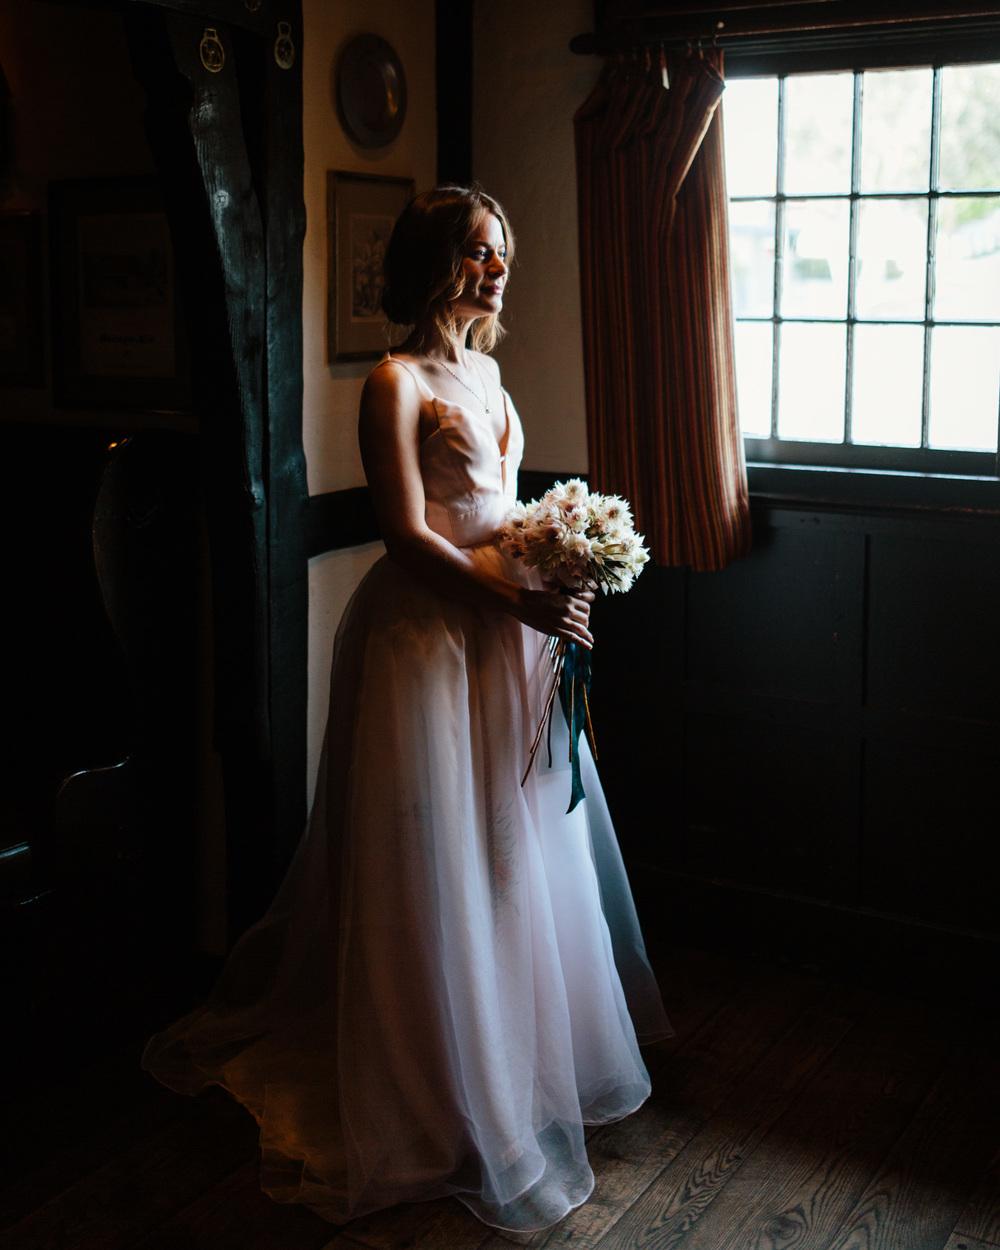 Riverside County Wedding Photographer, Five Crowns - The Gathering Season x weareleoandkat 015.JPG